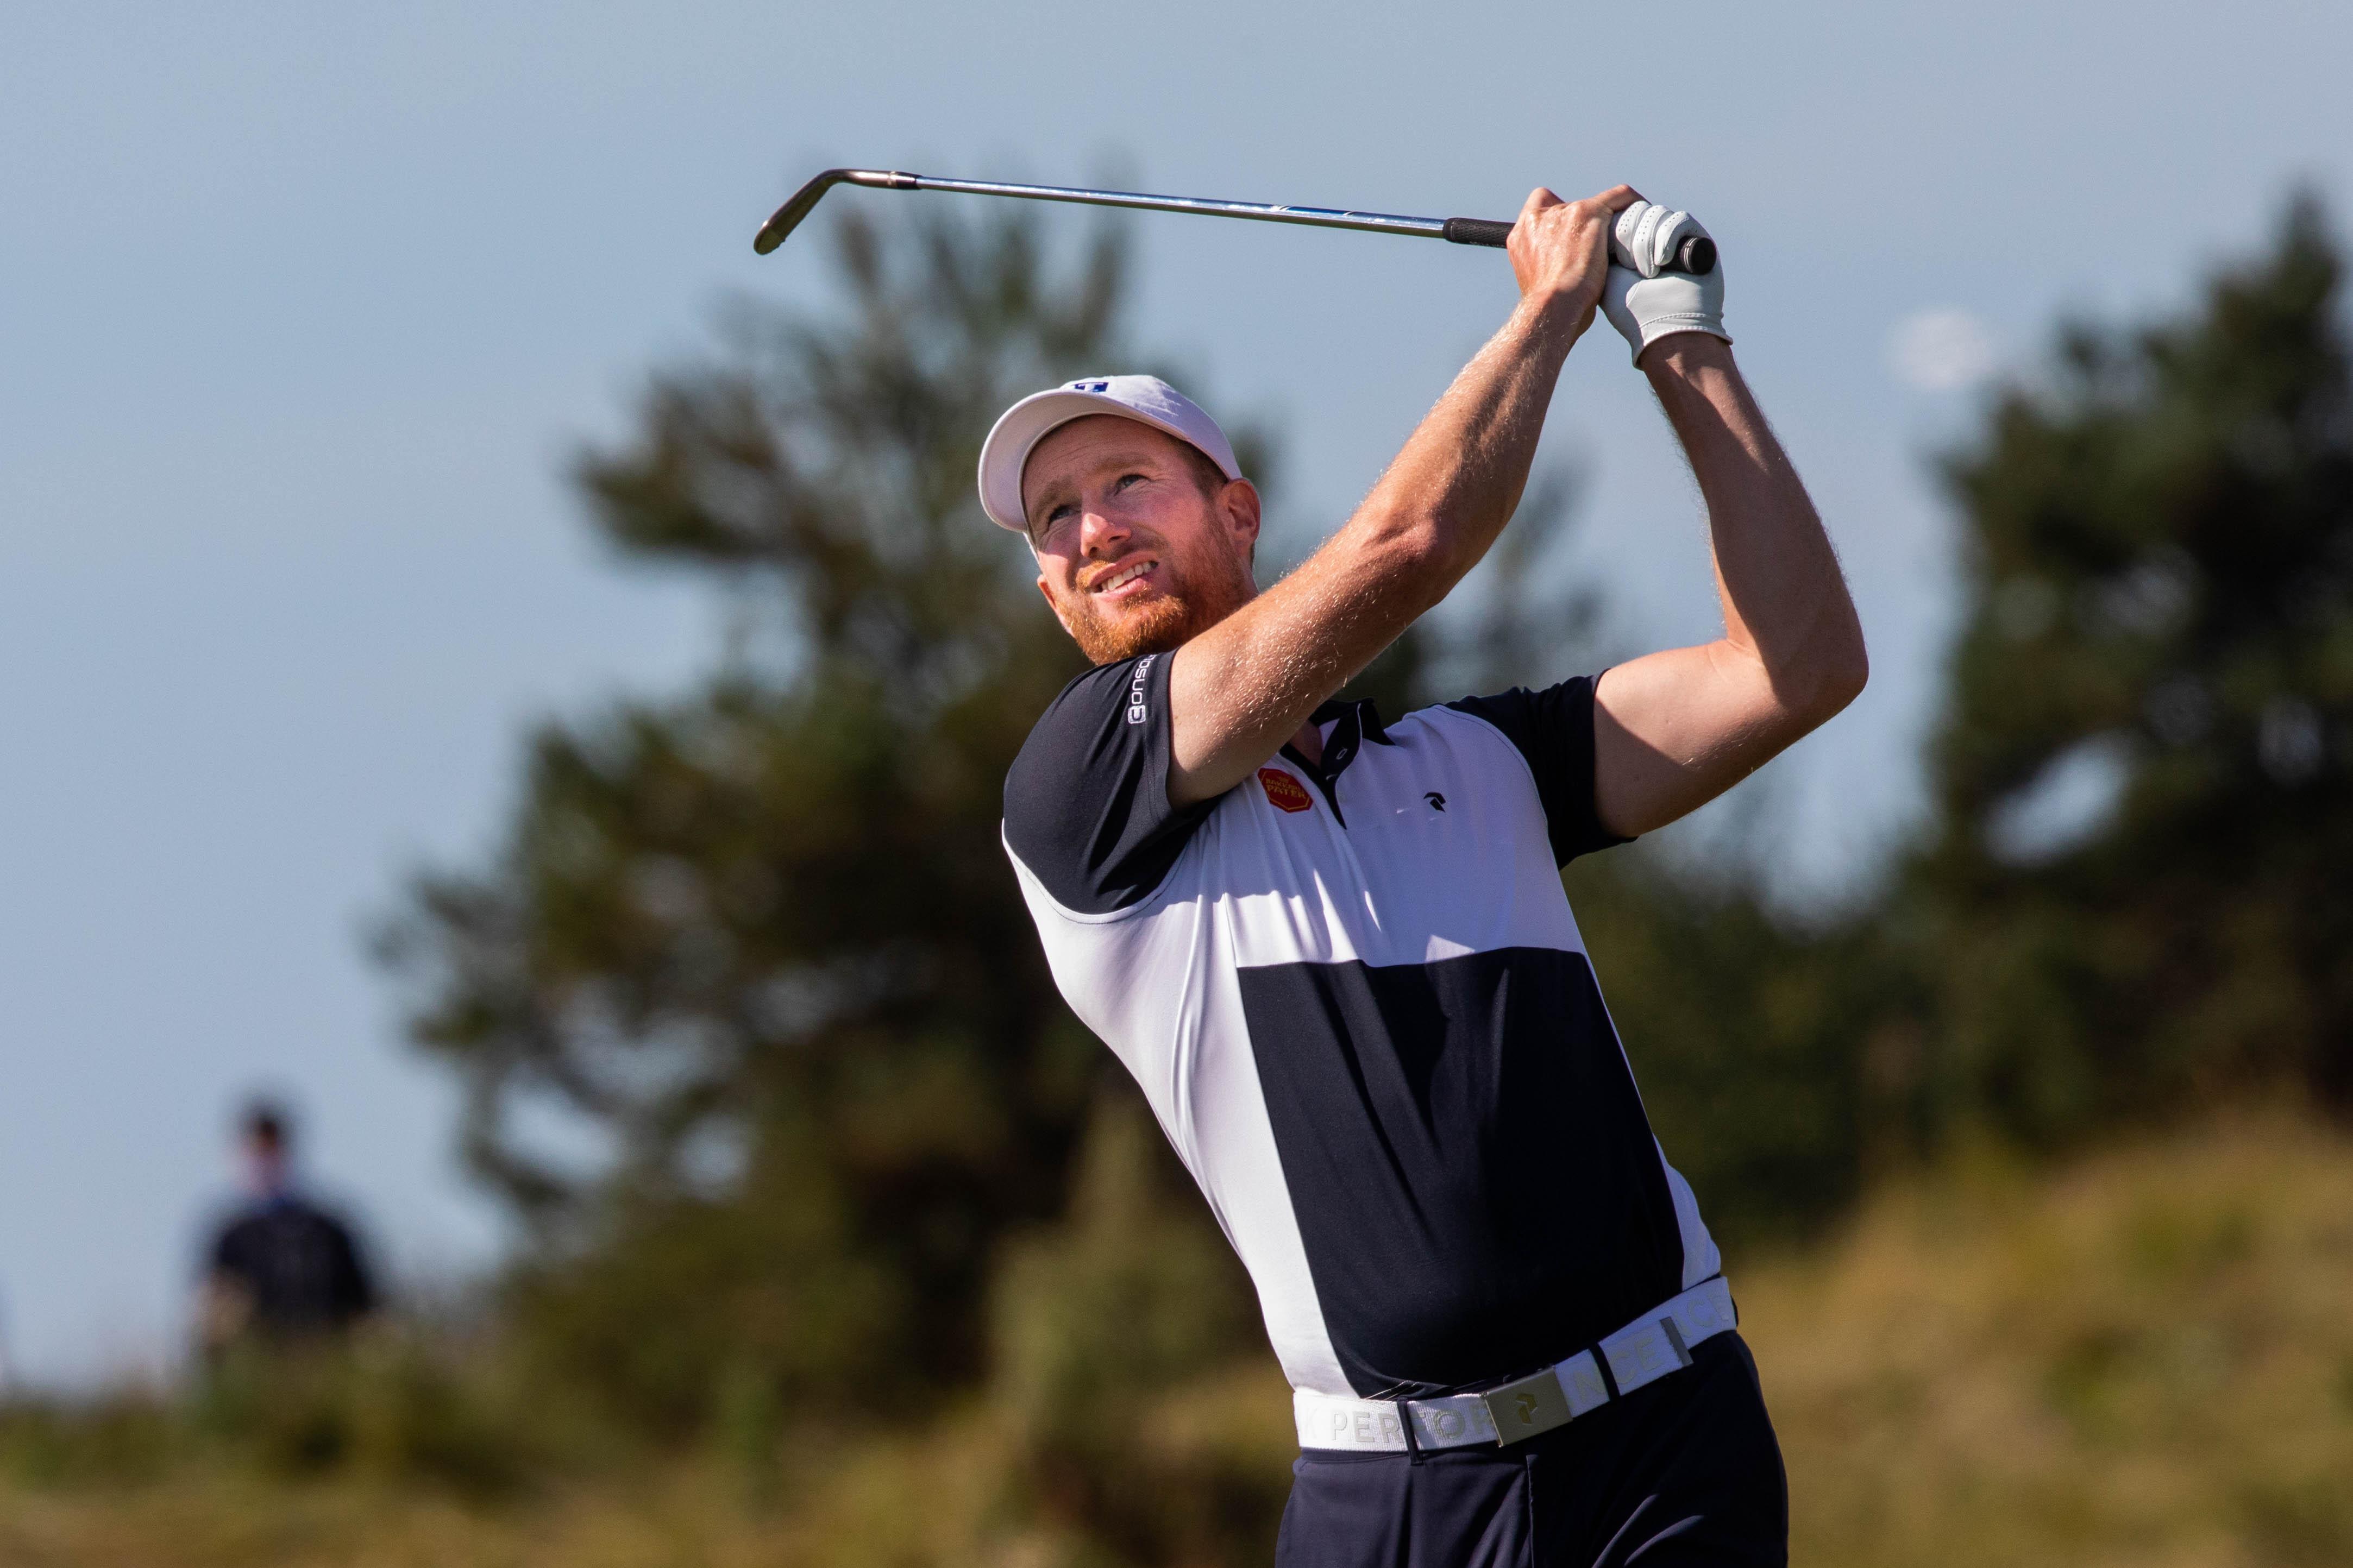 Matige start golfer Wil Besseling in Dubai, waar hij jaagt op een felbegeerd startbewijs voor lucratief eindejaarstoernooi